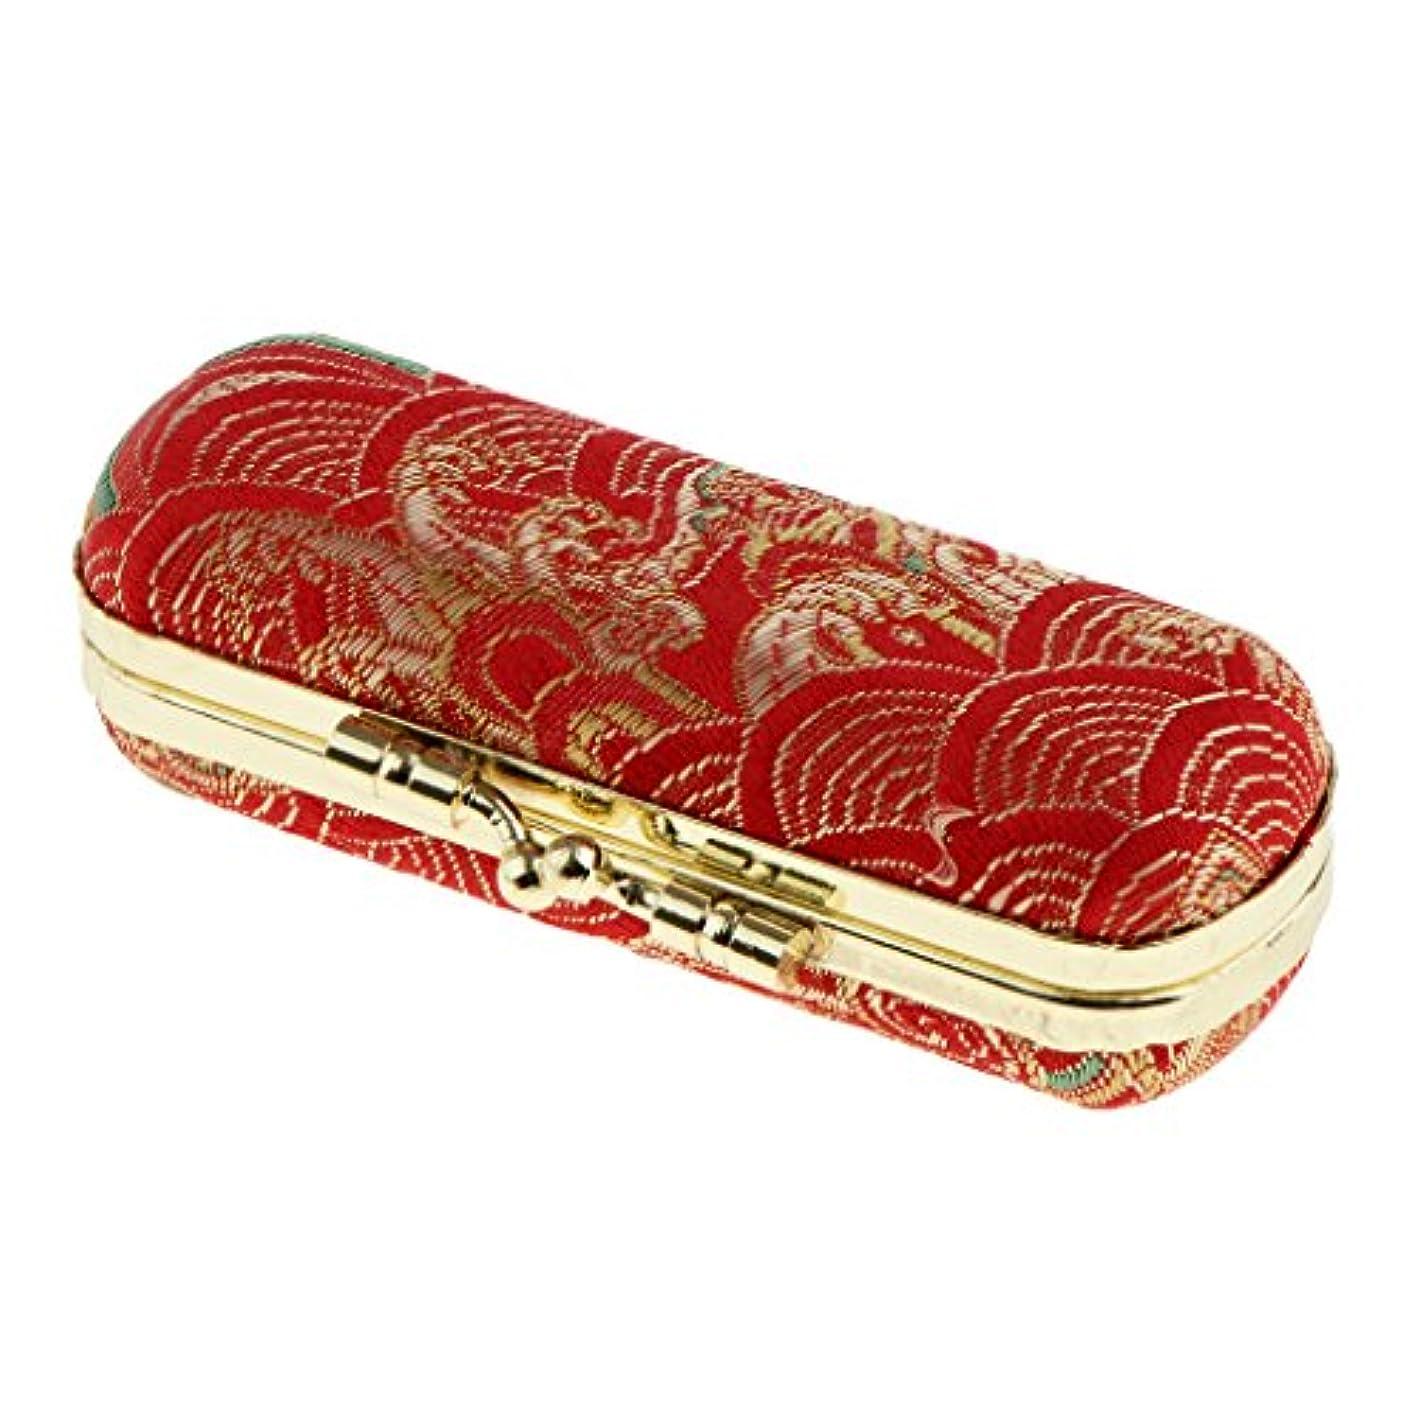 説教する小川鏡Homyl 口紅 収納ボックス リップグロスケース 口紅ホルダー ミラー付き ランダム色     - #2